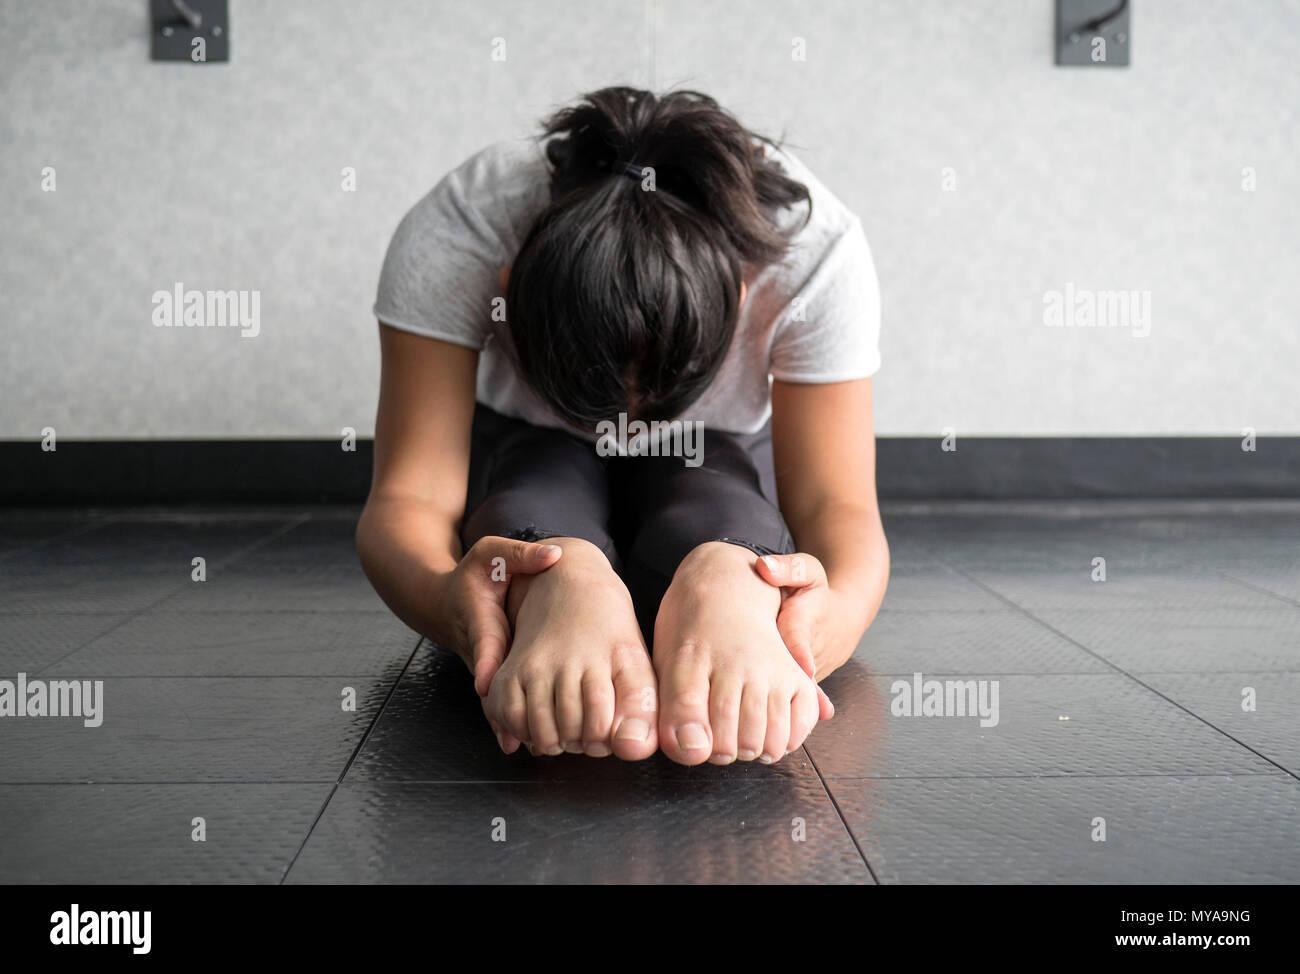 Joven realizando y sentarse y llegar a estirar el tendón de la corva y aumentan la flexibilidad. Imagen De Stock